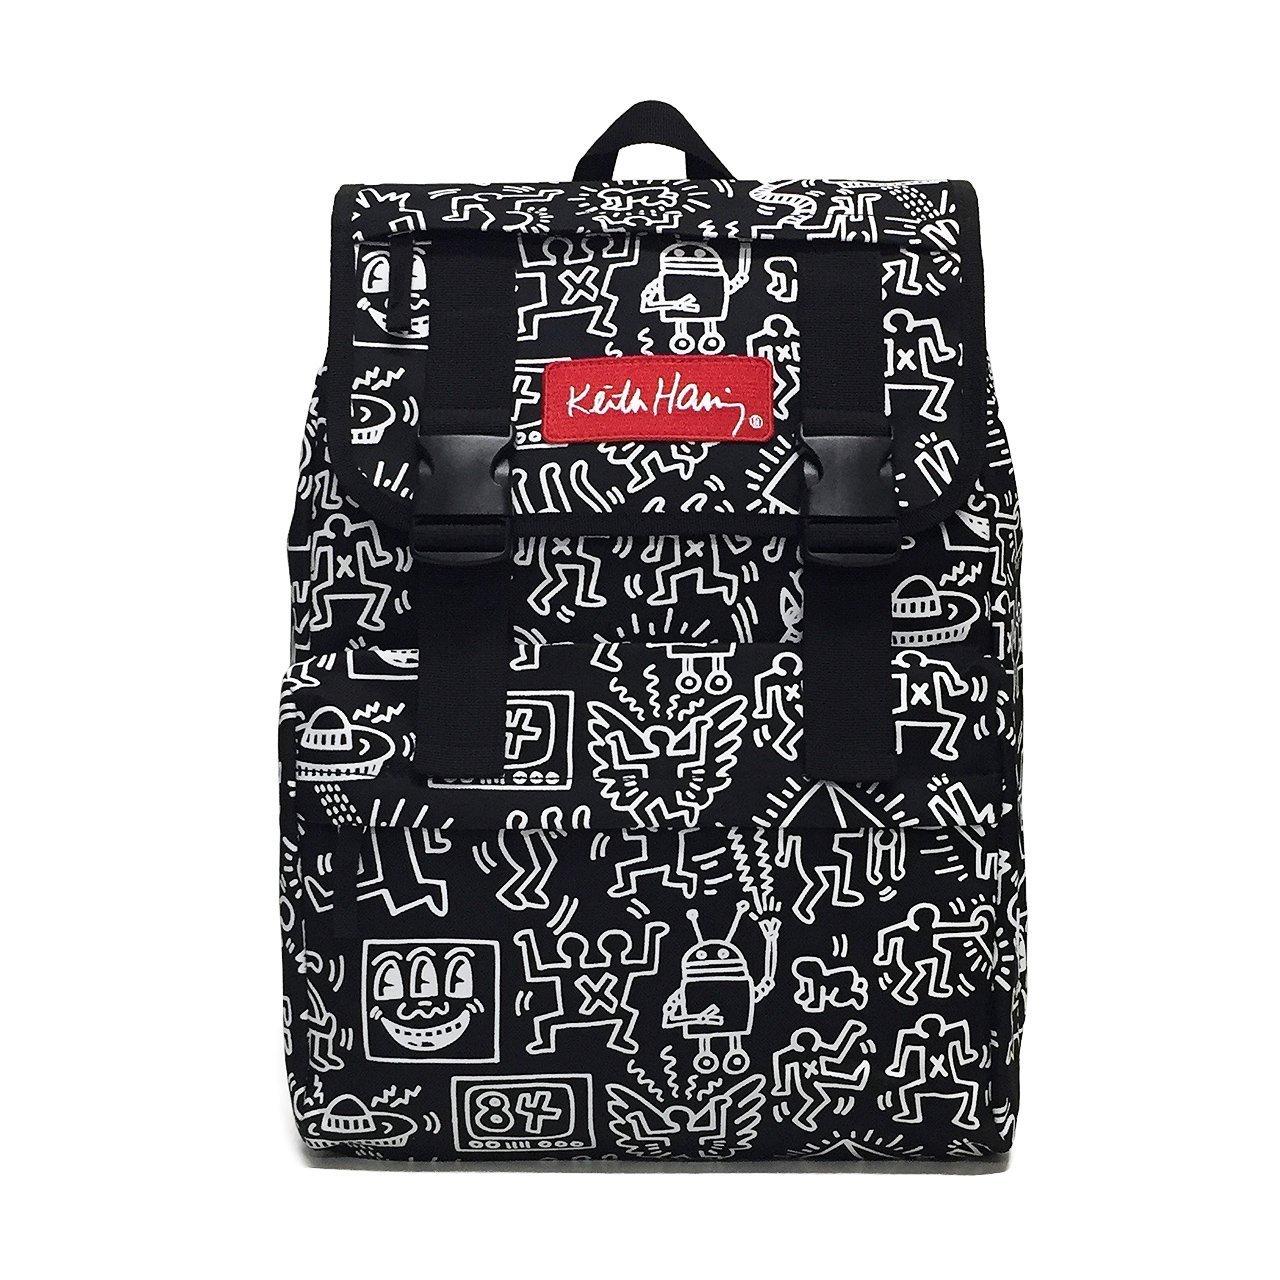 Keith Haring(キース・ヘリング) 総柄フラップリュック バックパック Black(ブラック) CV15001